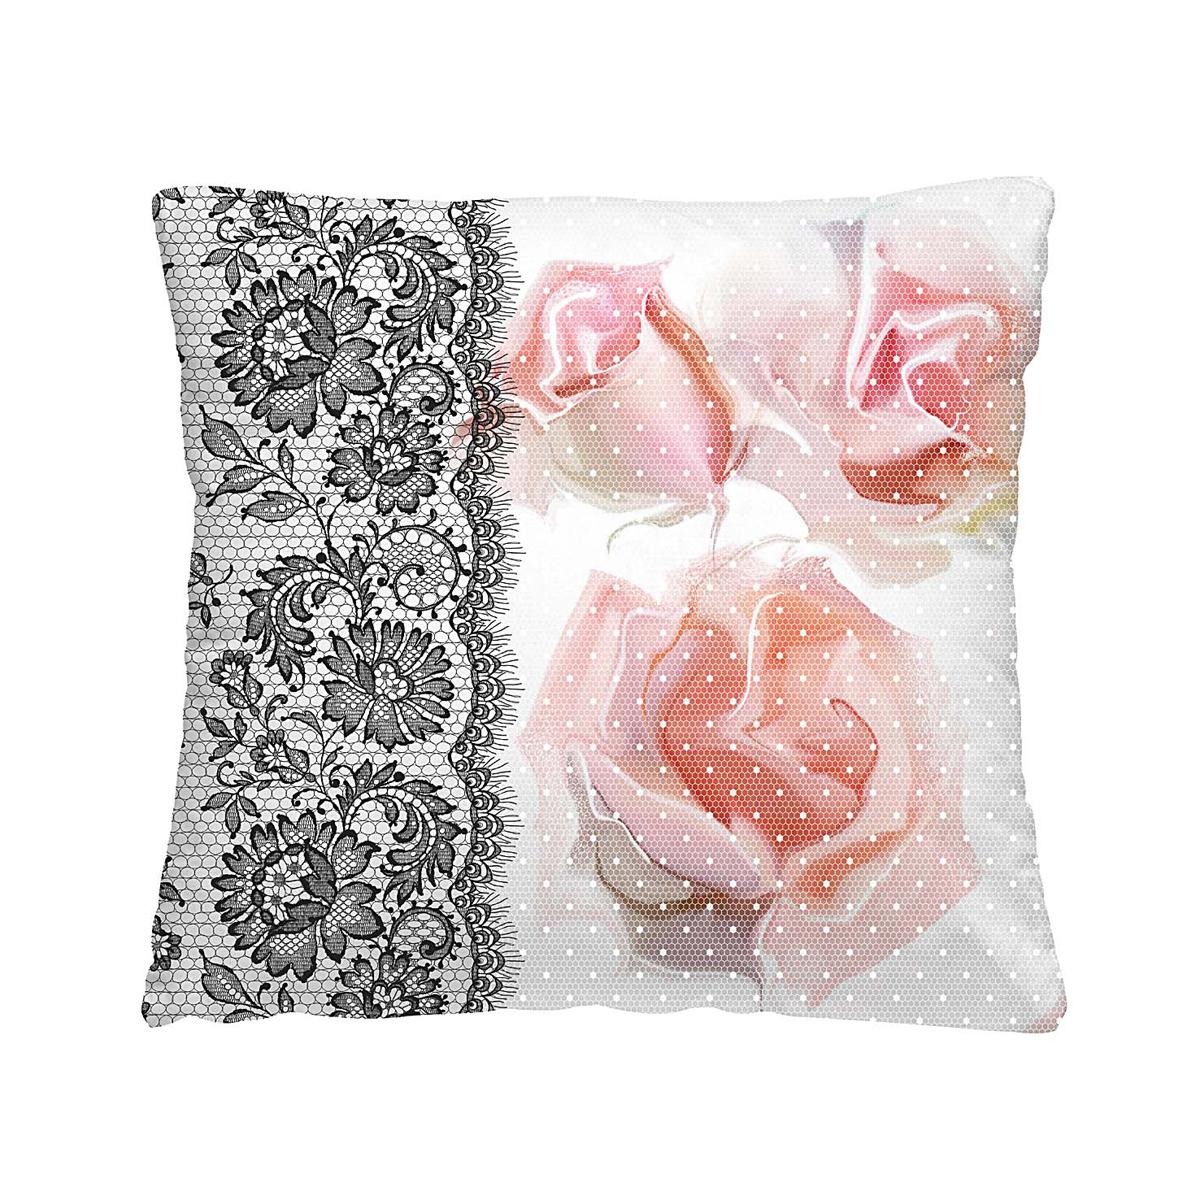 Подушка декоративная Волшебная ночь Ажурные розы, 40 х 40 см подушка декоративная волшебная ночь красные тюльпаны 40 х 40 см